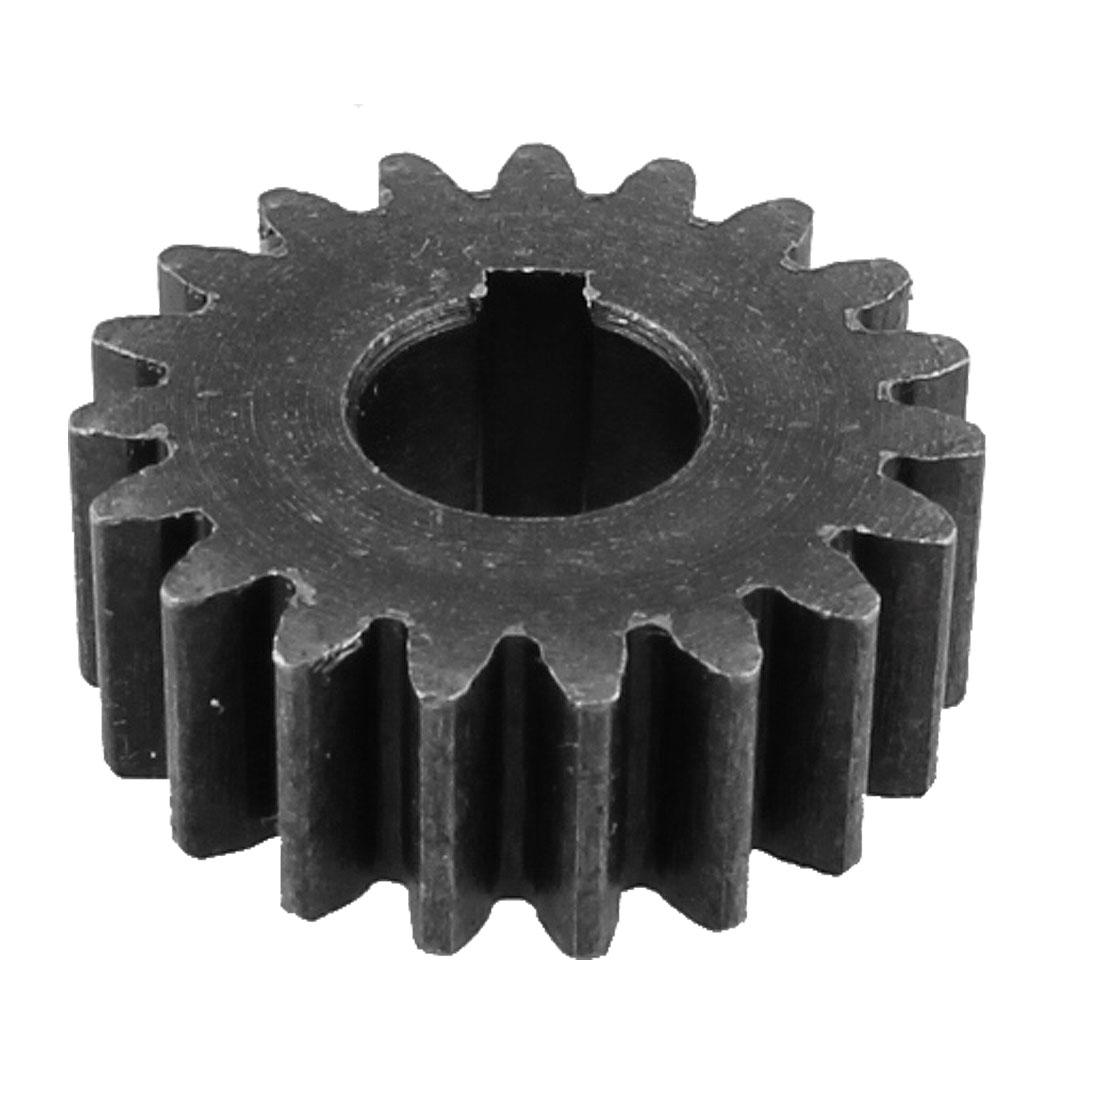 Repair Part 19 Teeth Metal Gear for Hitachi PR-38E Electric Hammer